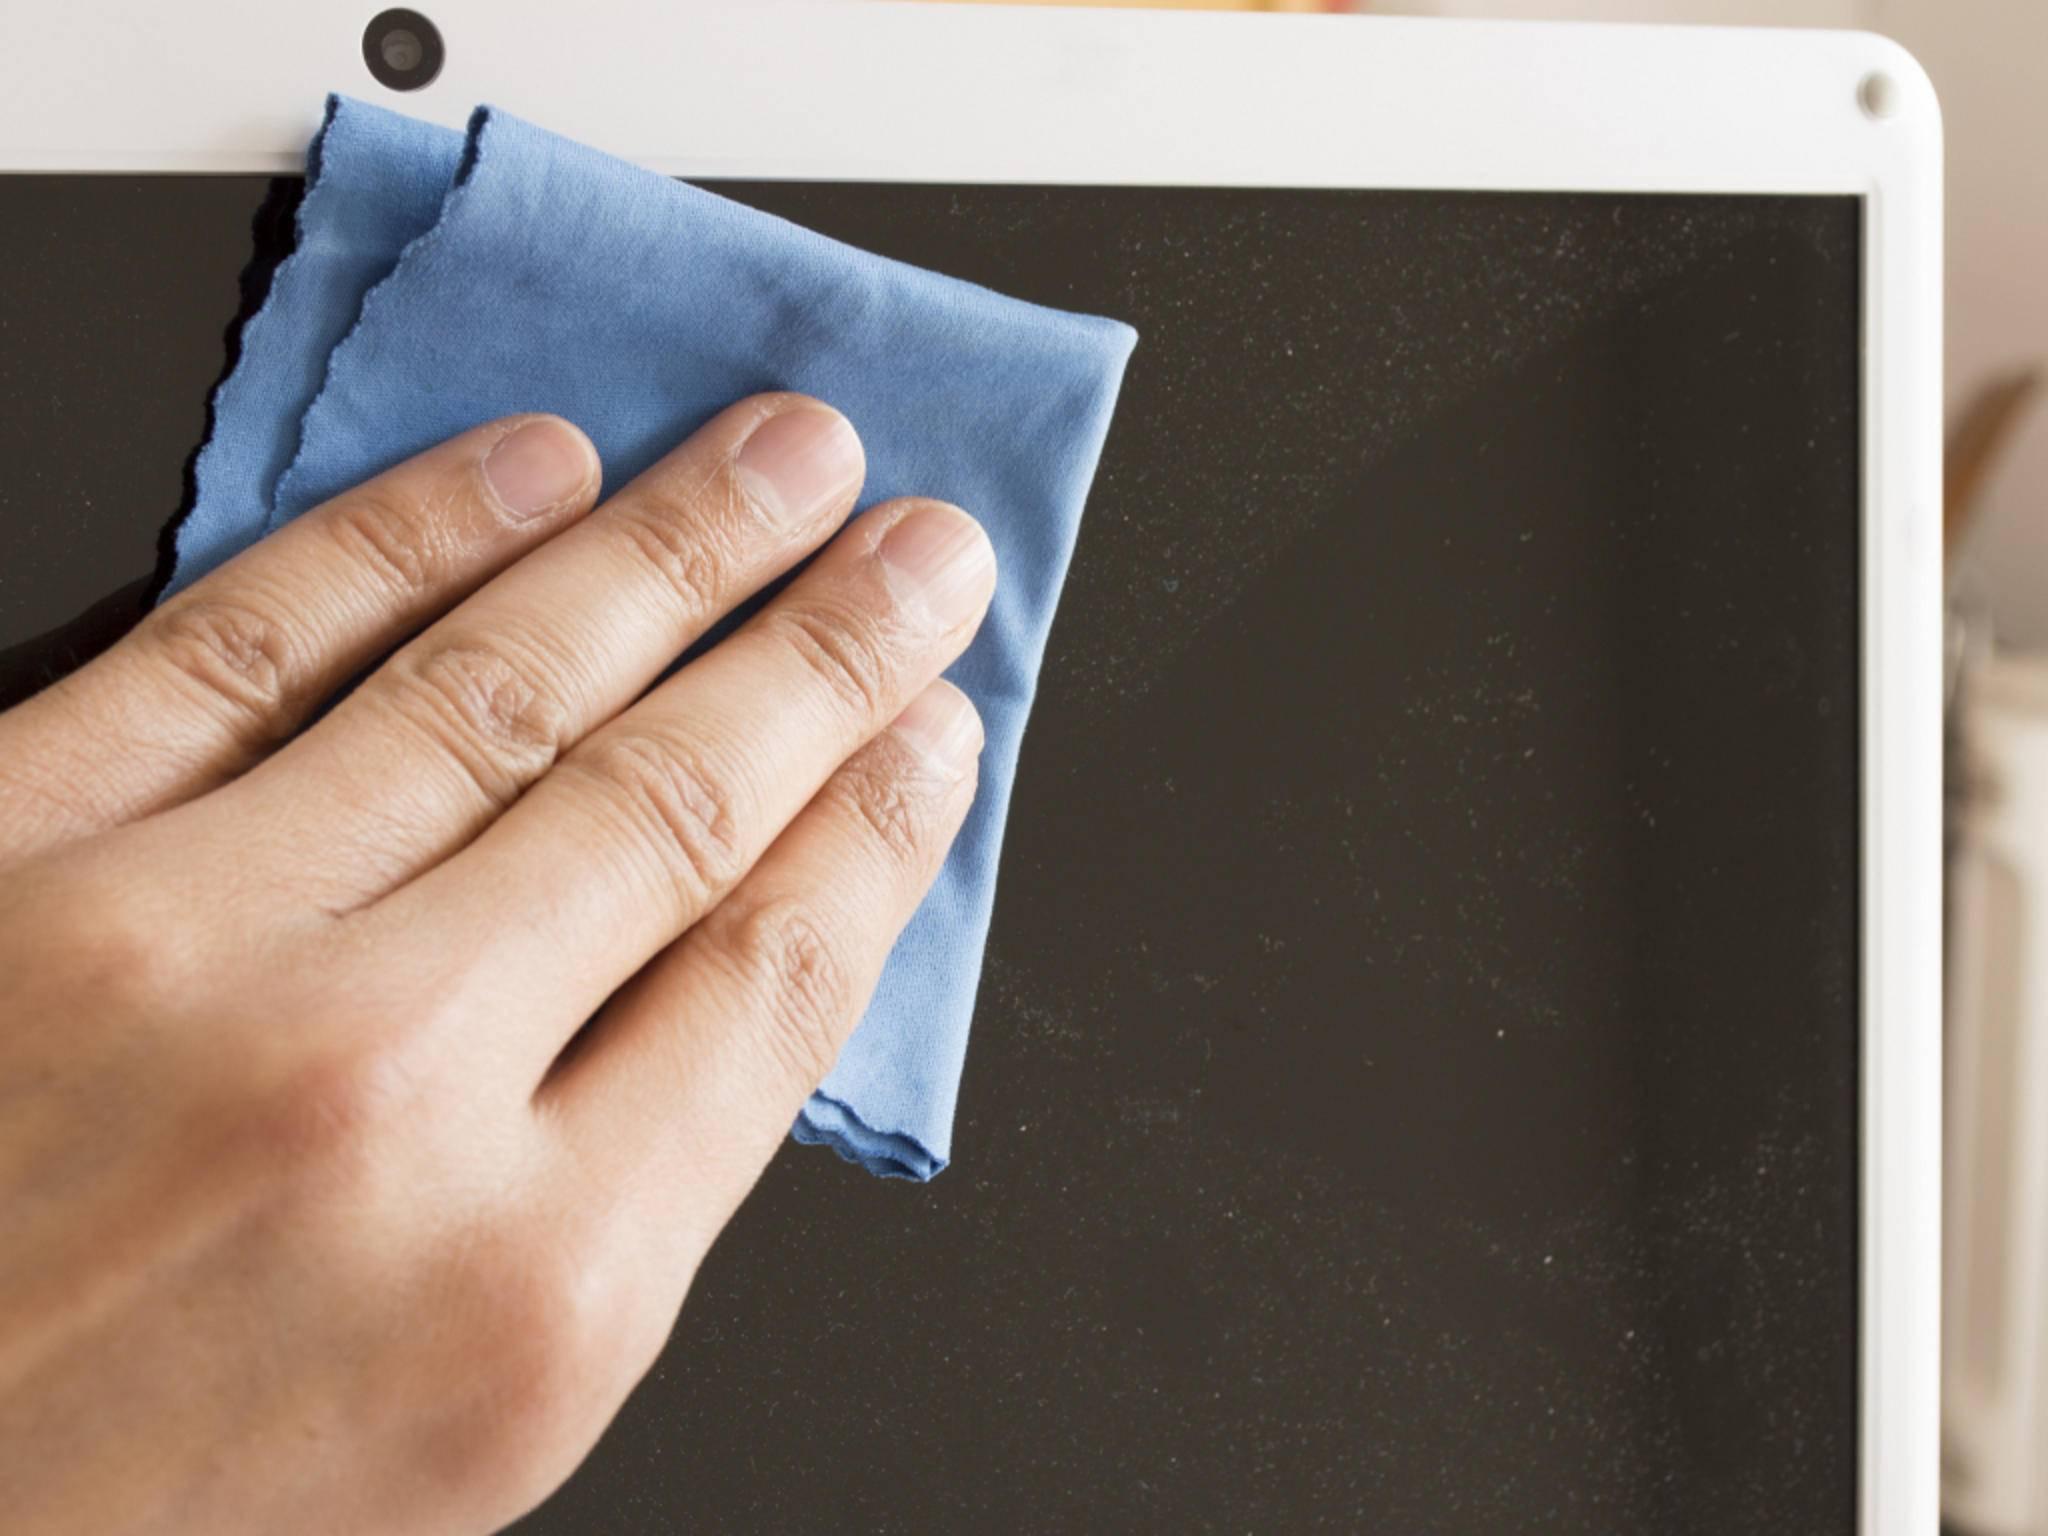 Schon mit einfachen Hausmitteln lässts ich ein Monitor reinigen